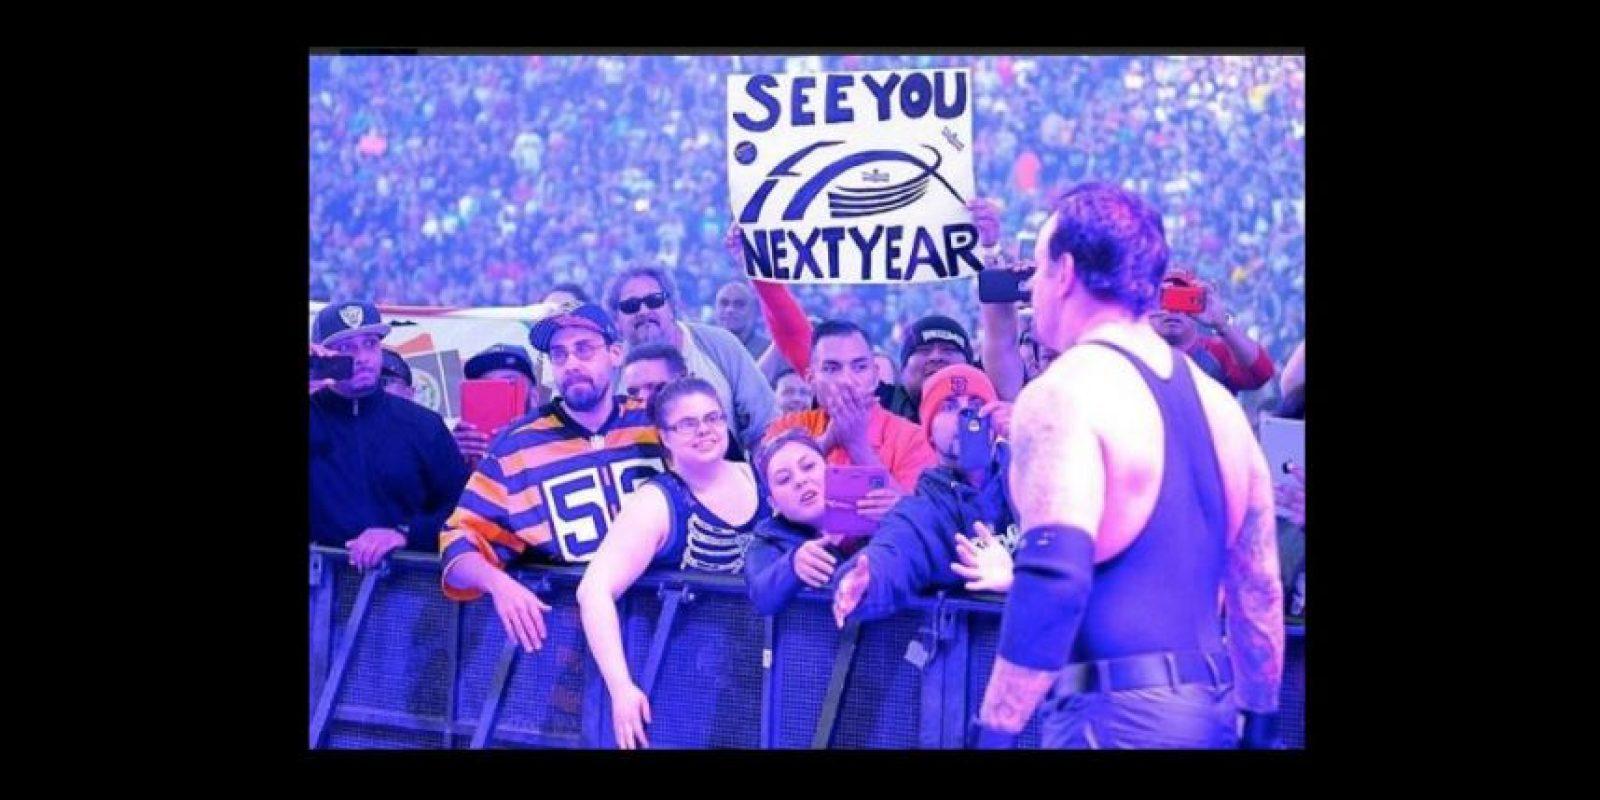 Tiene un récord en Wrestlemania de 23 victorias y una derrota Foto:Vía twitter.com/WWEMarkWCalaway